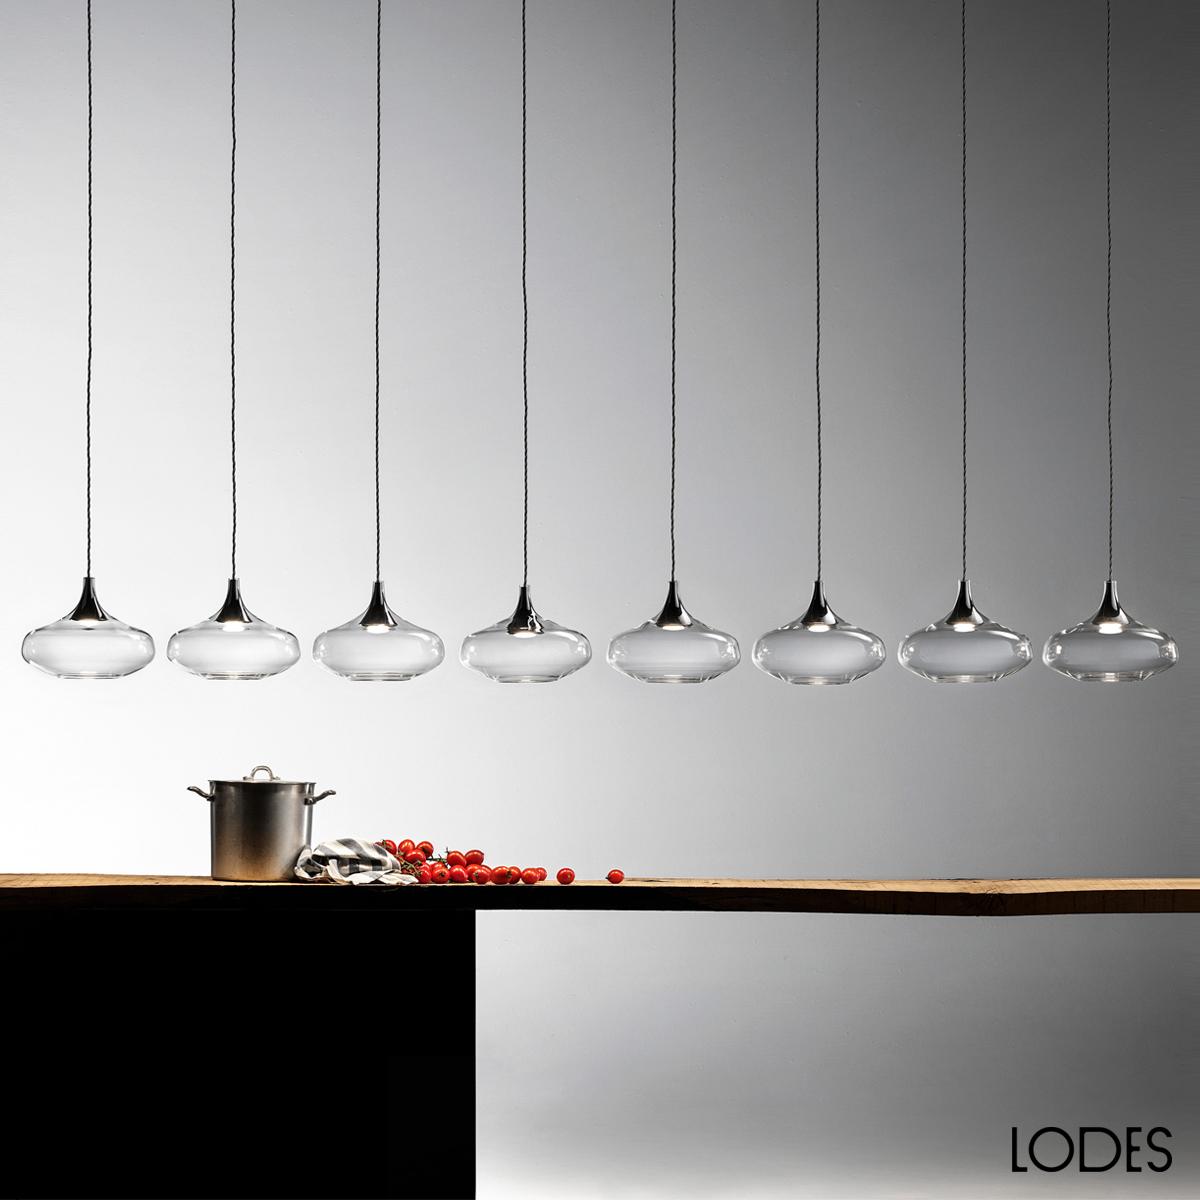 suspension lighting. Nostalgia Suspension Lamp Lighting G